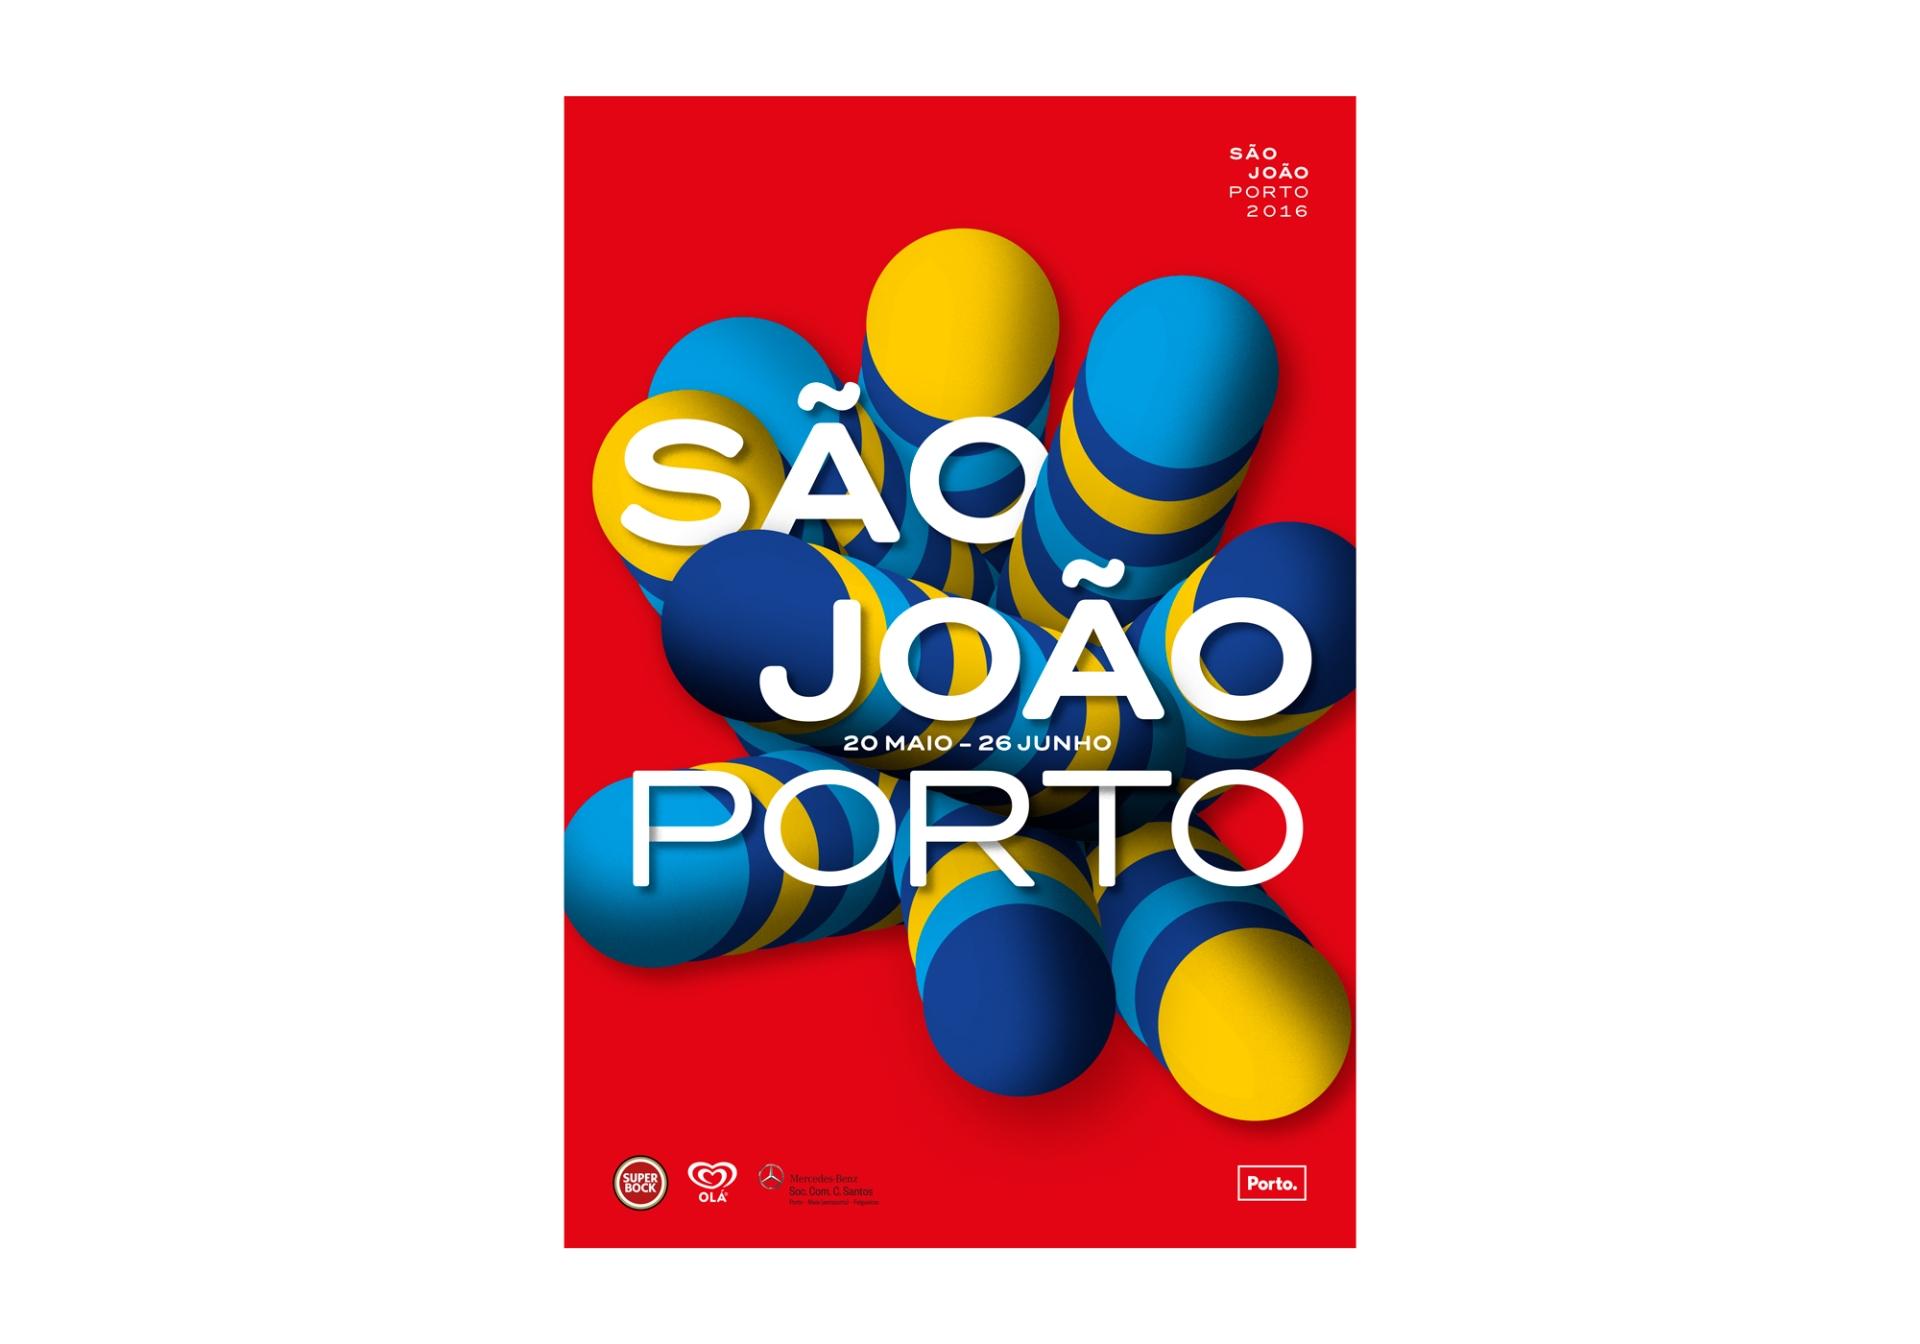 Festa de São João no Porto Image:5 SJoao_03